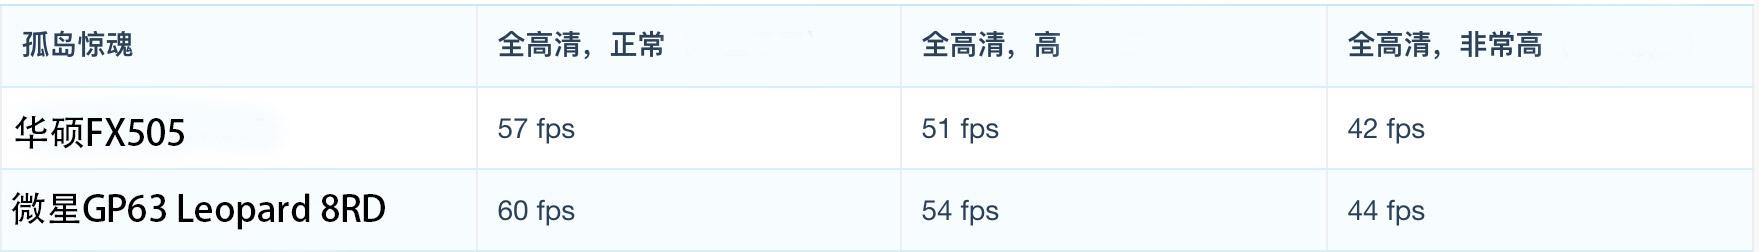 ASUS 华硕 飞行堡垒6代( FX505/FX86FE)评测